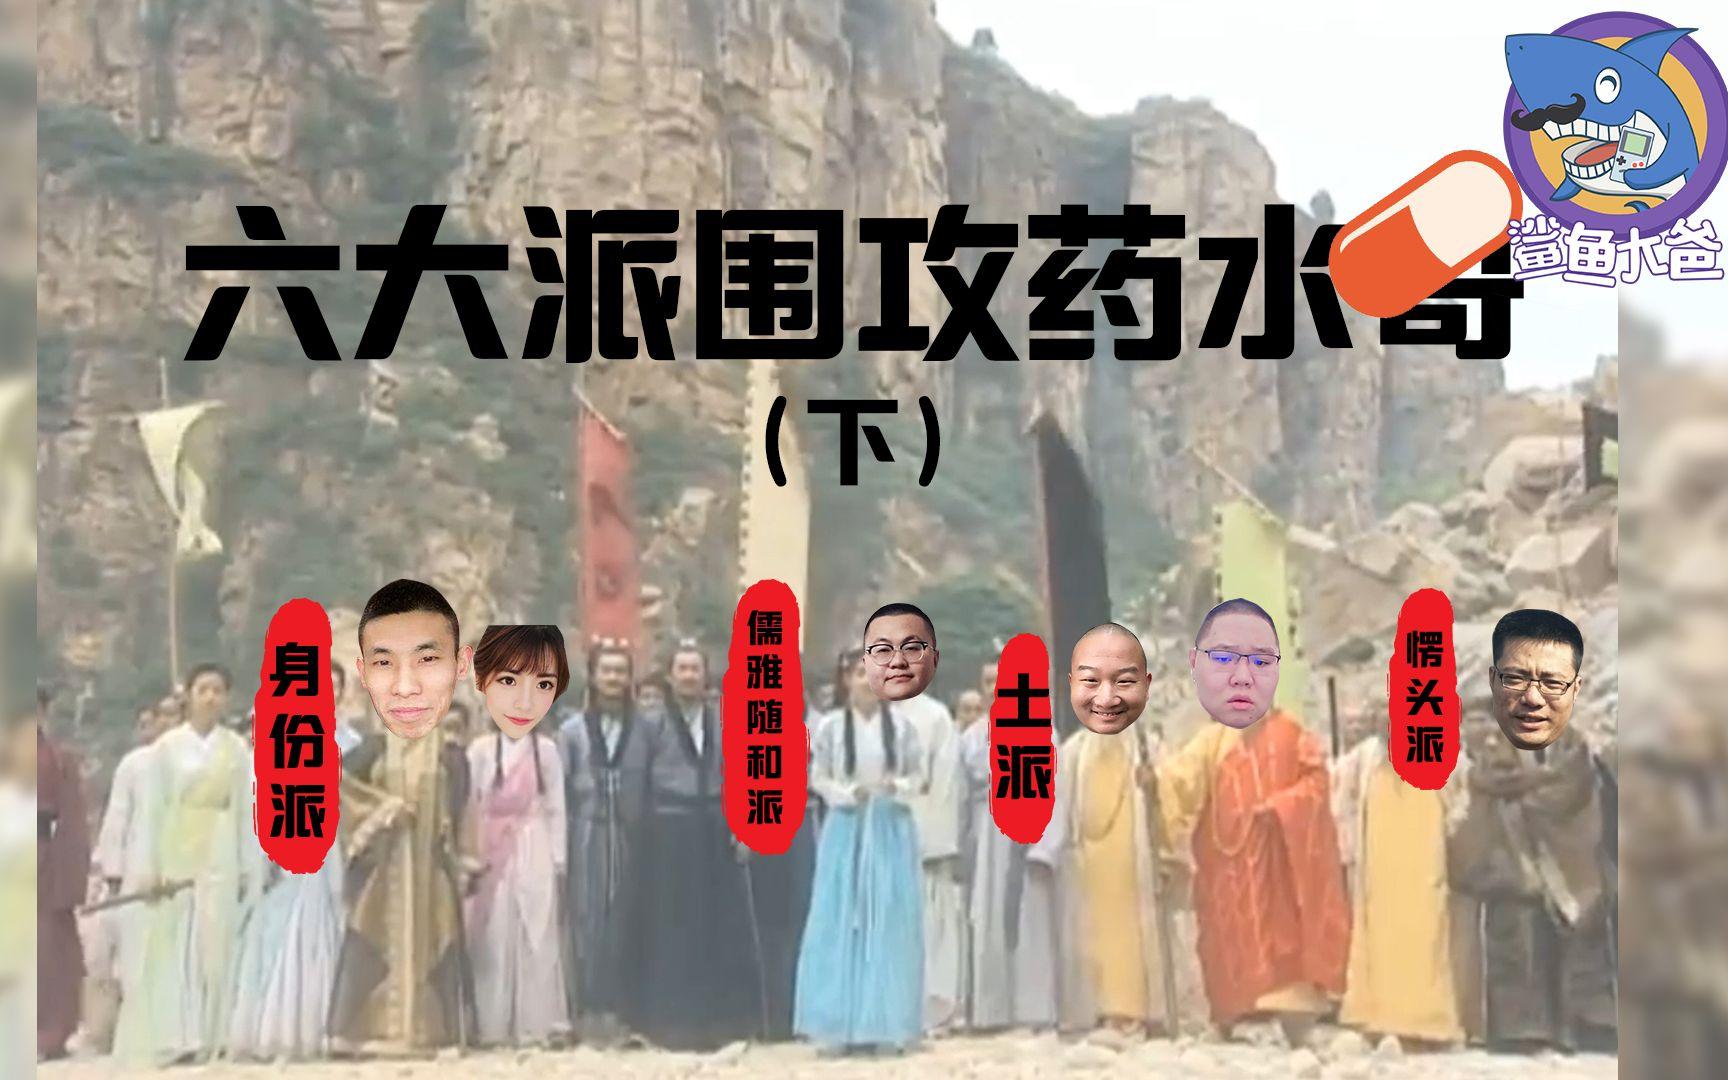 【全明星】六大派围攻药水哥下集!